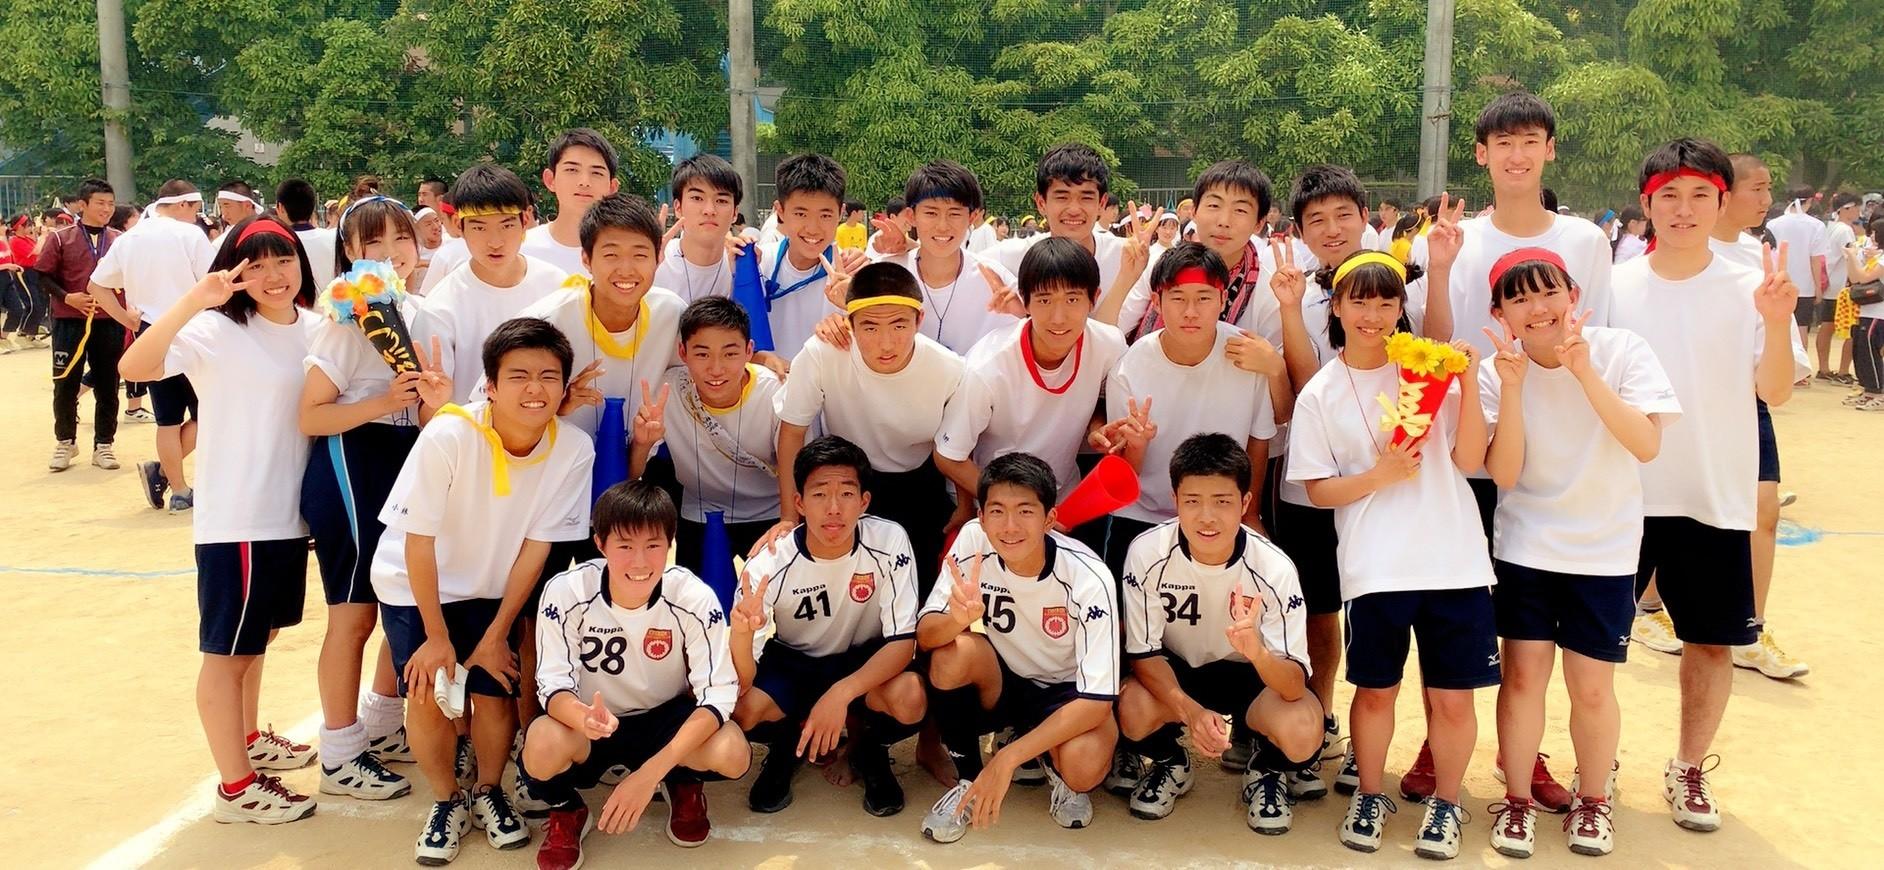 桜美林高校サッカー部